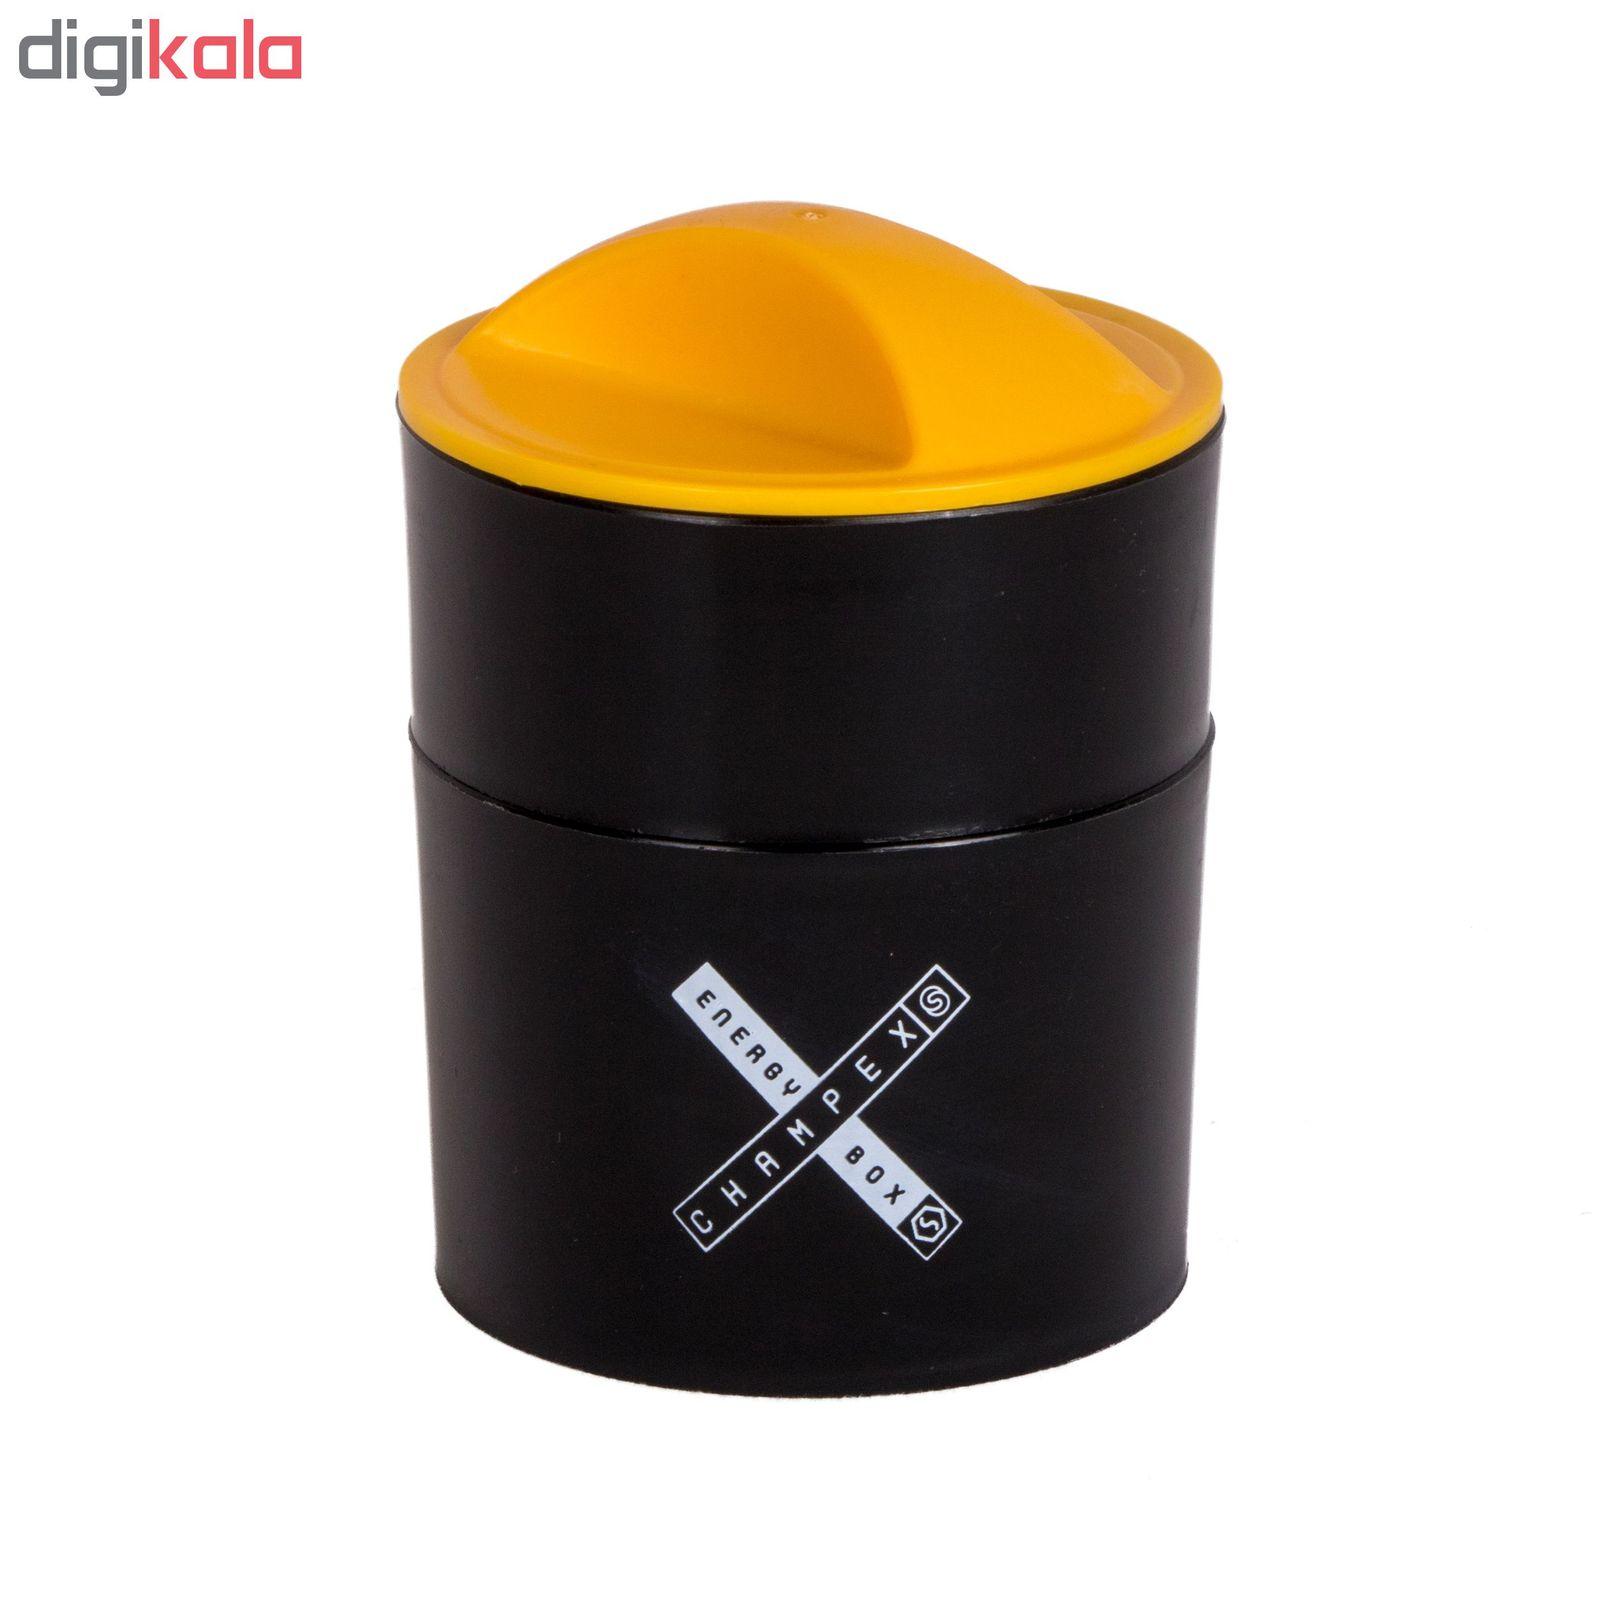 جعبه نگهدارنده دارو چمپکس مدل Energy Box main 1 3